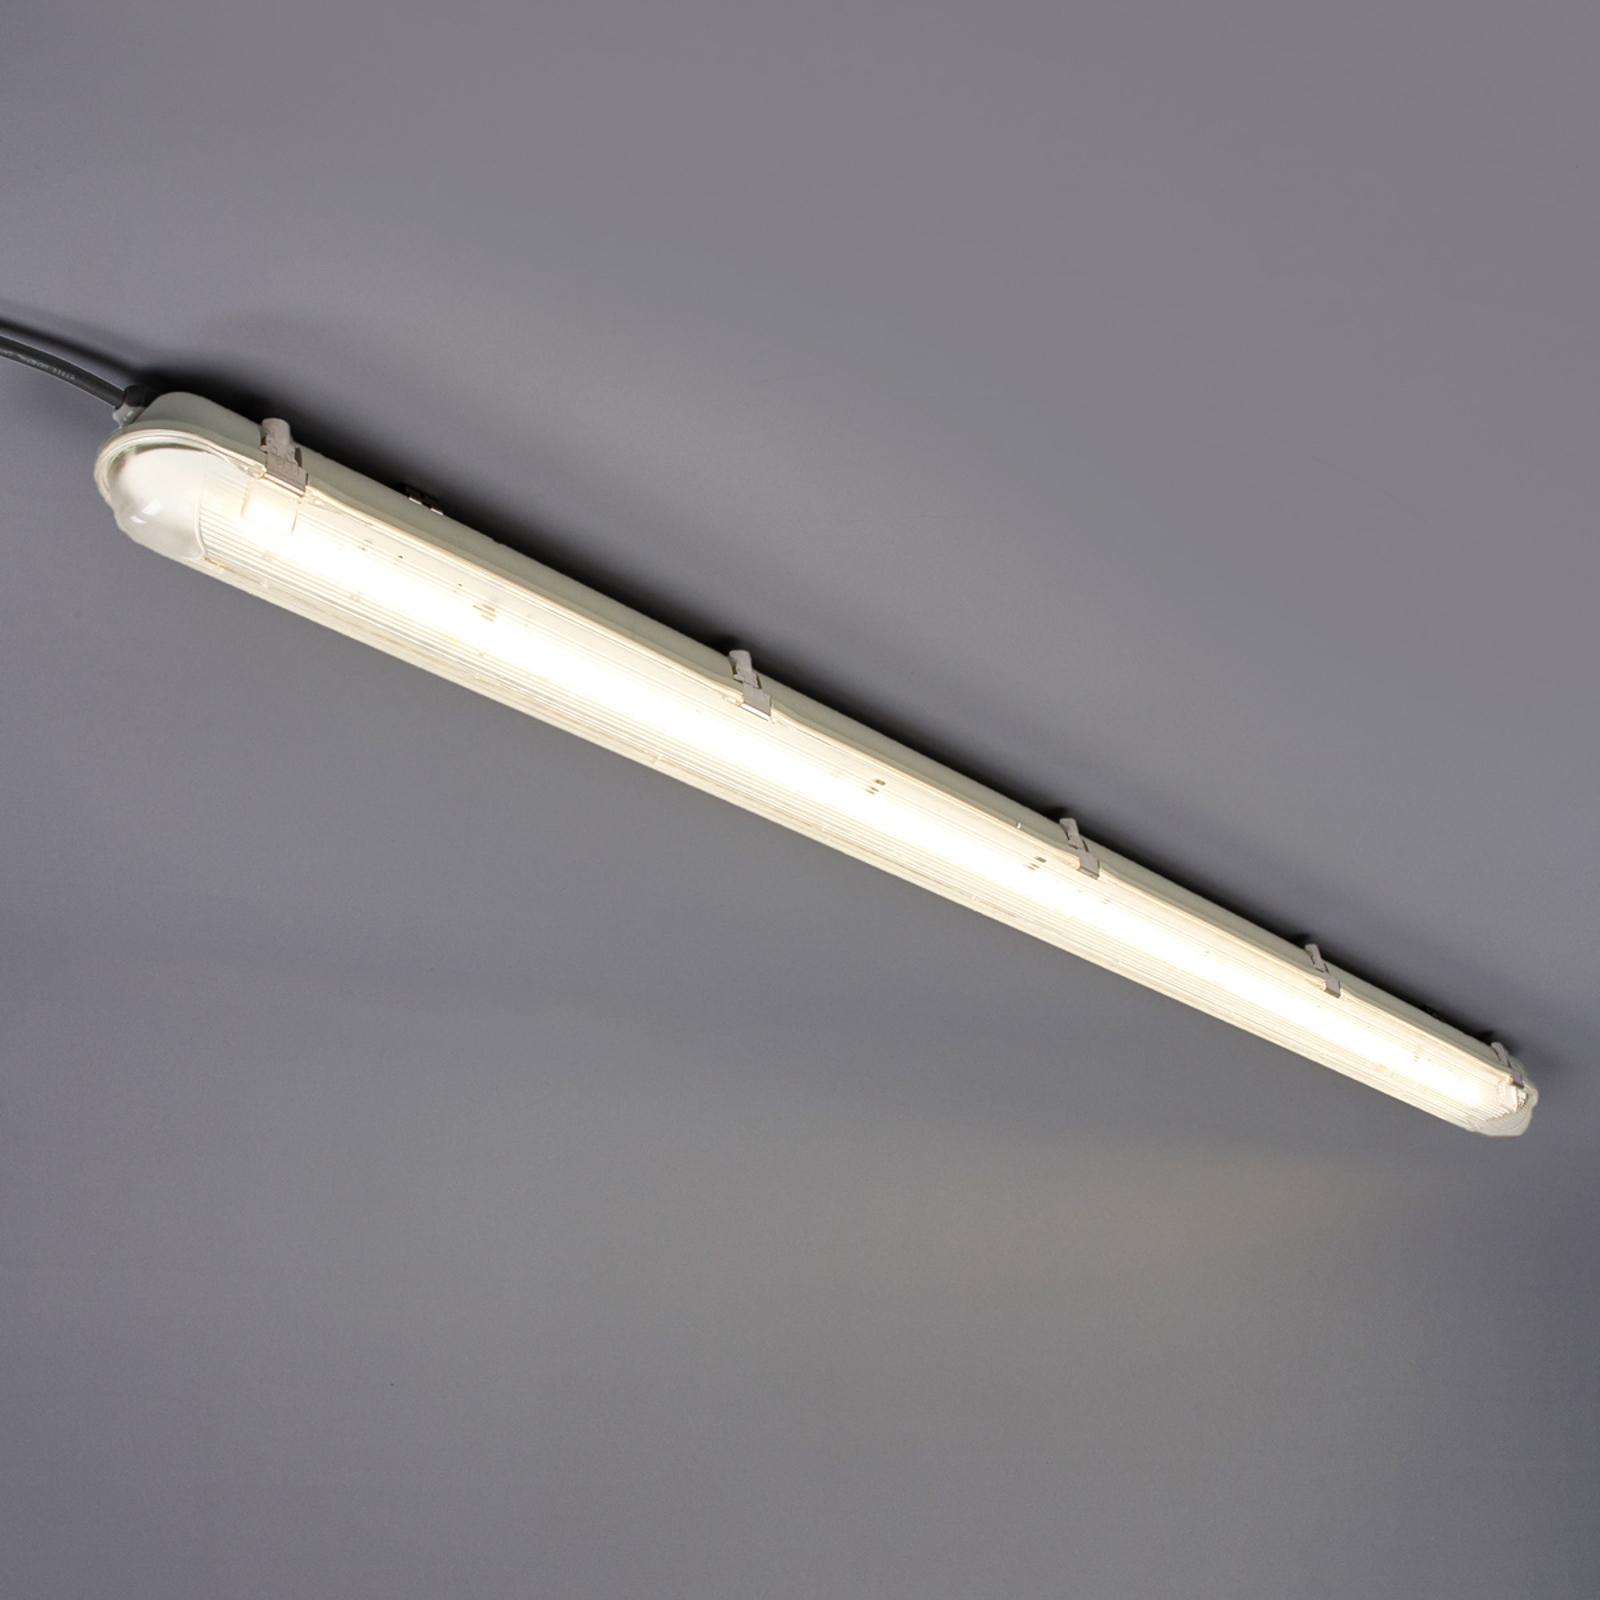 Lampa podłużna LED do pomieszczeń wilgotnych, 34 W